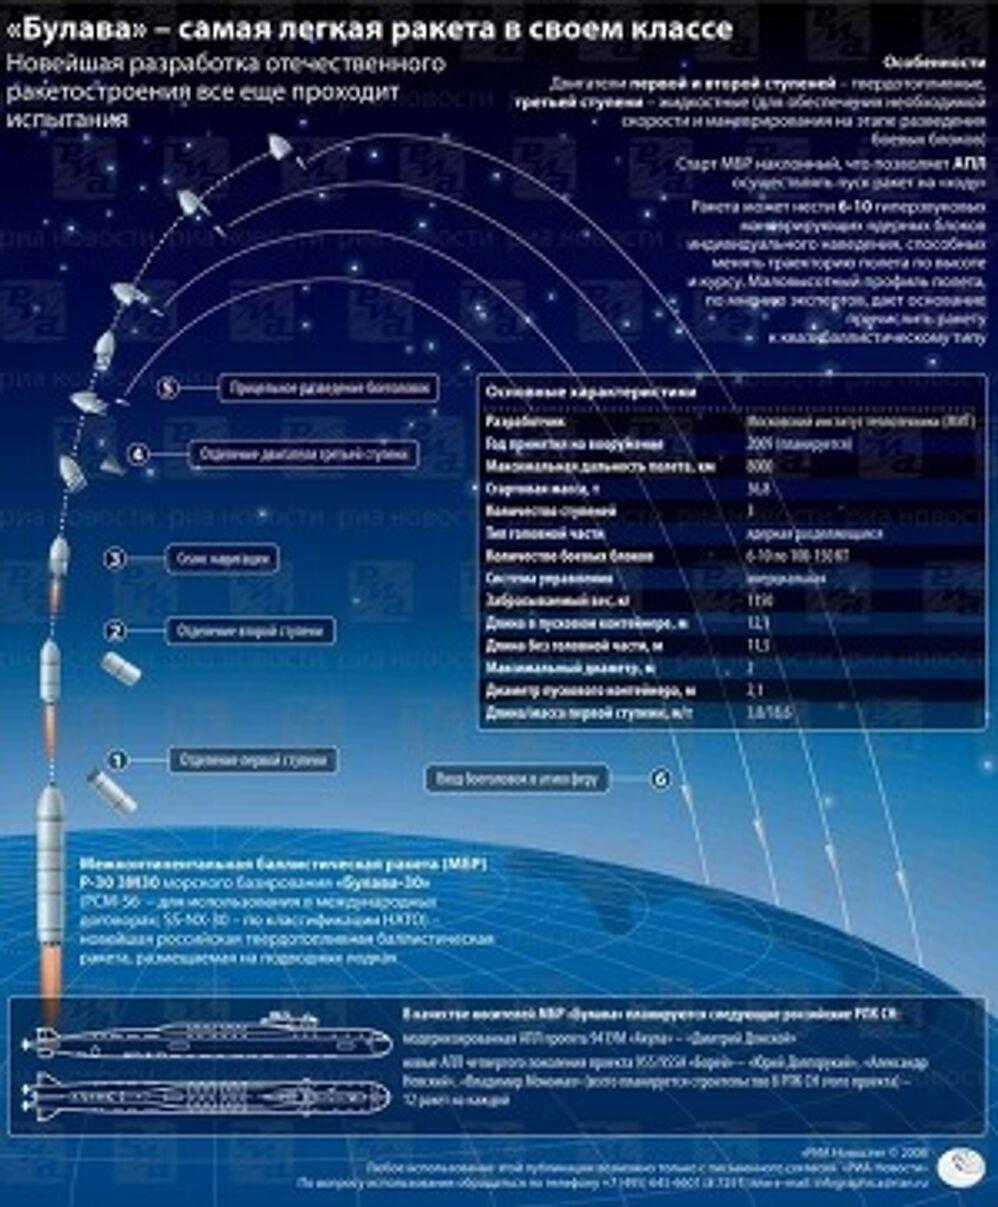 «Булава» – самая легкая ракета в своем классе